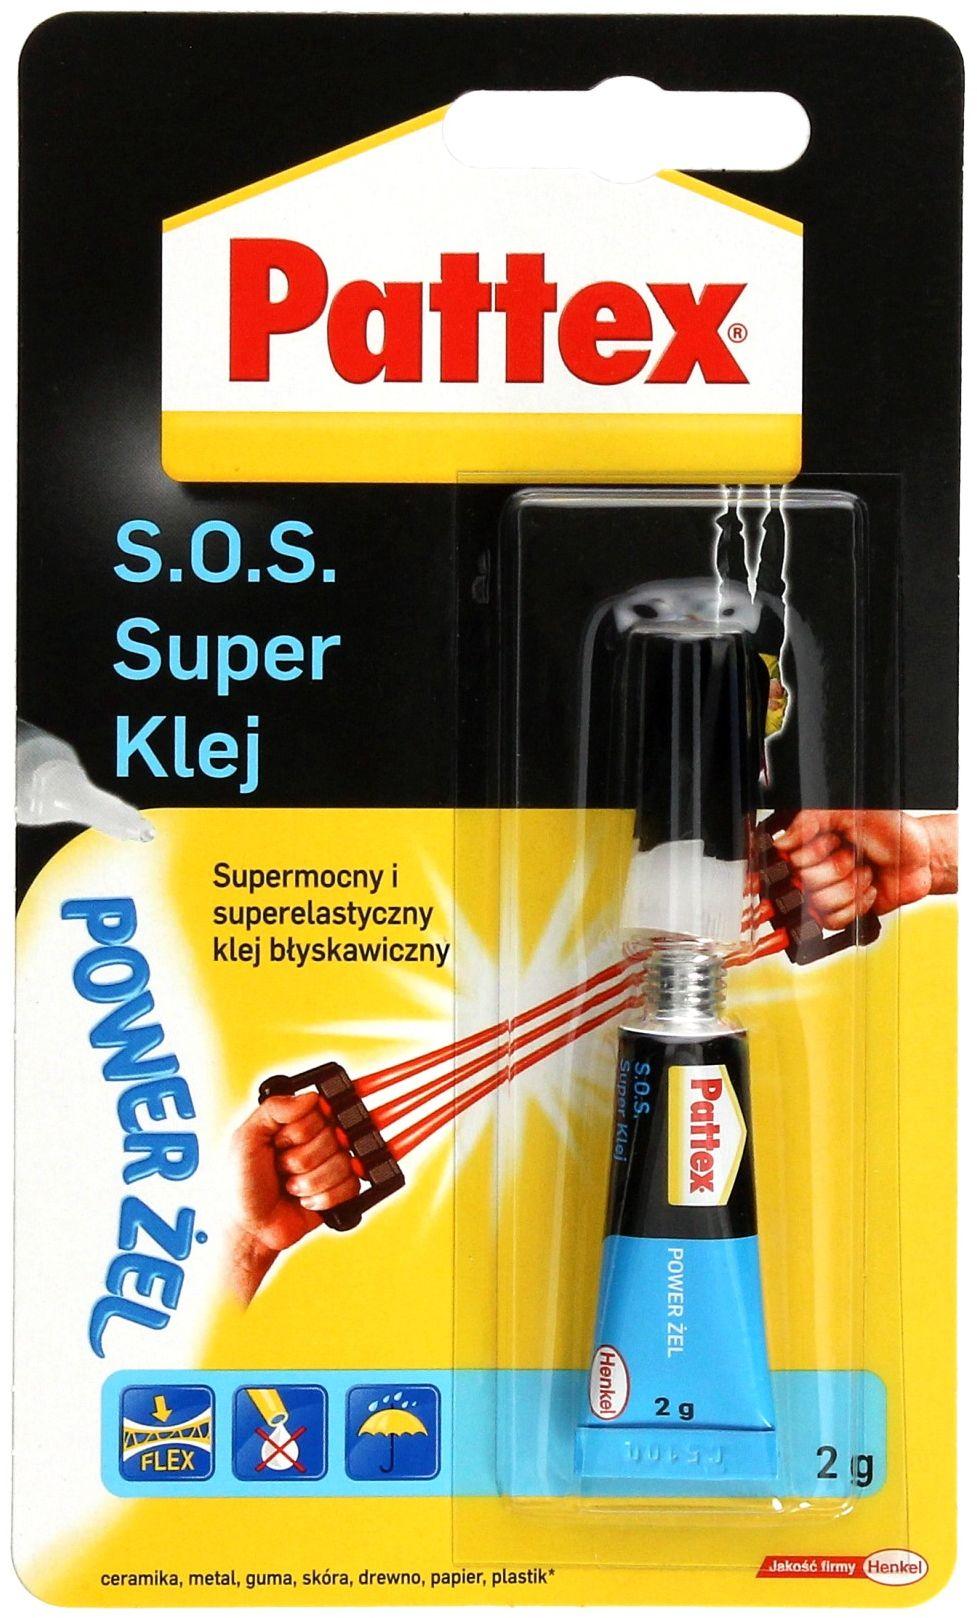 Klej żelowy 2g SOSSuper Pattex